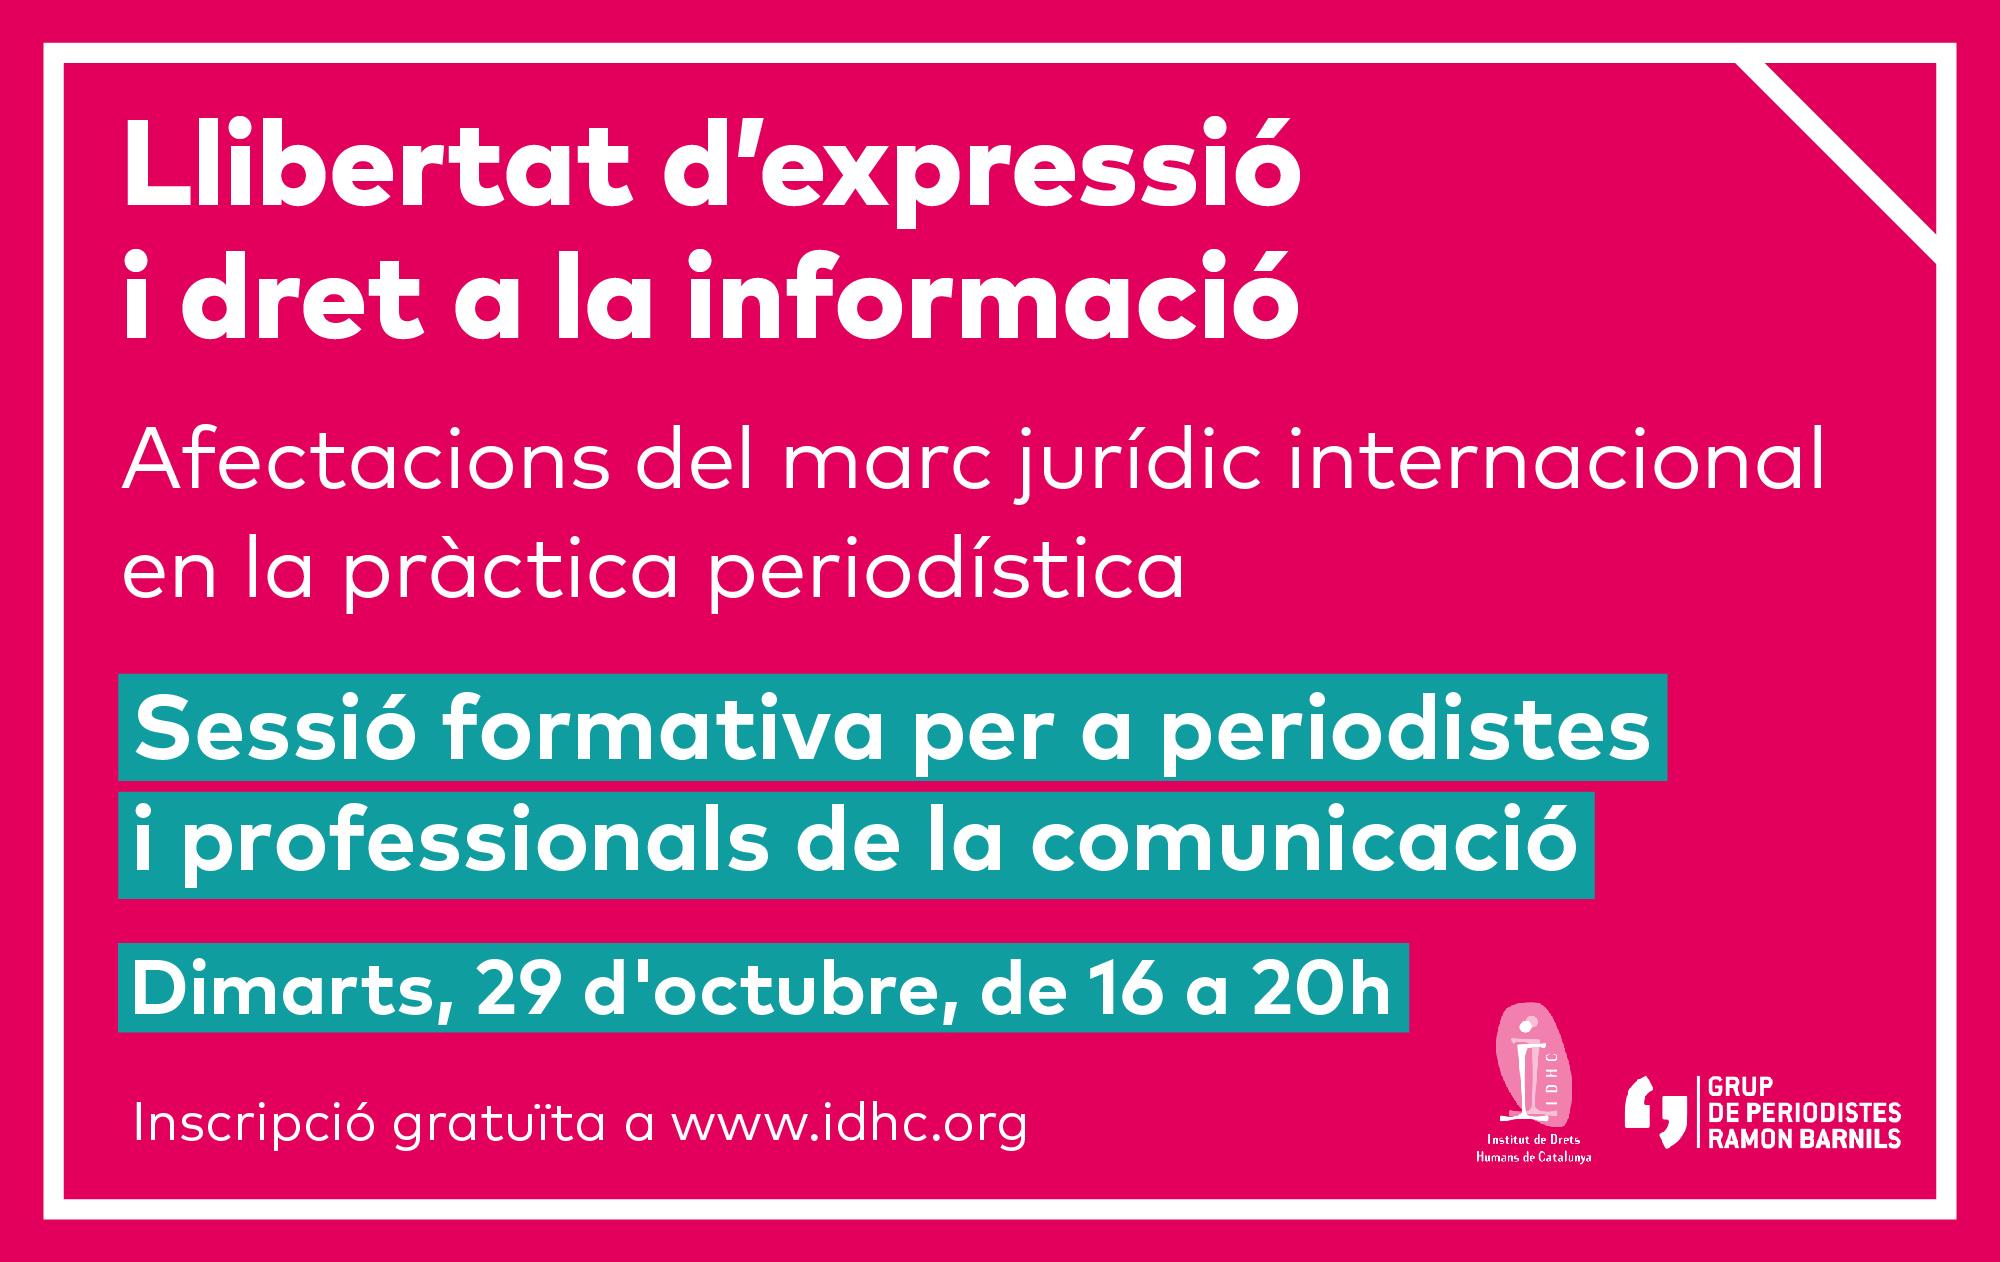 LLIBERTAT D'EXPRESSIÓ I DRET A LA INFORMACIÓ. Afectacions del marc jurídic internacional en la pràctica periodística